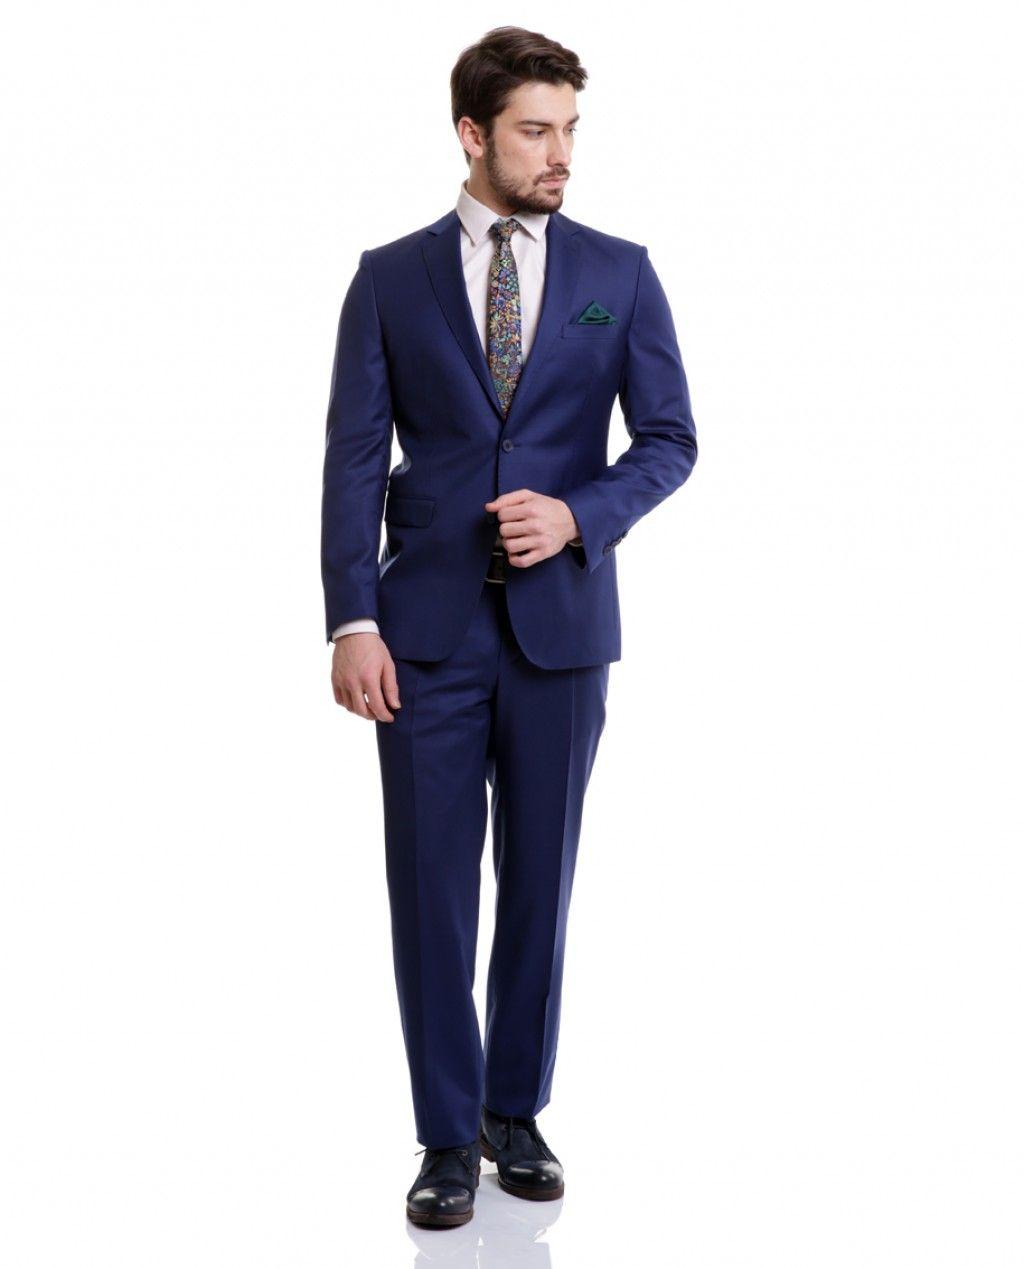 06bebbe07a9a2 Karaca Erkek Takım Elbise - Saks Mavi #gentleman #suit #takımelbise #karaca  #